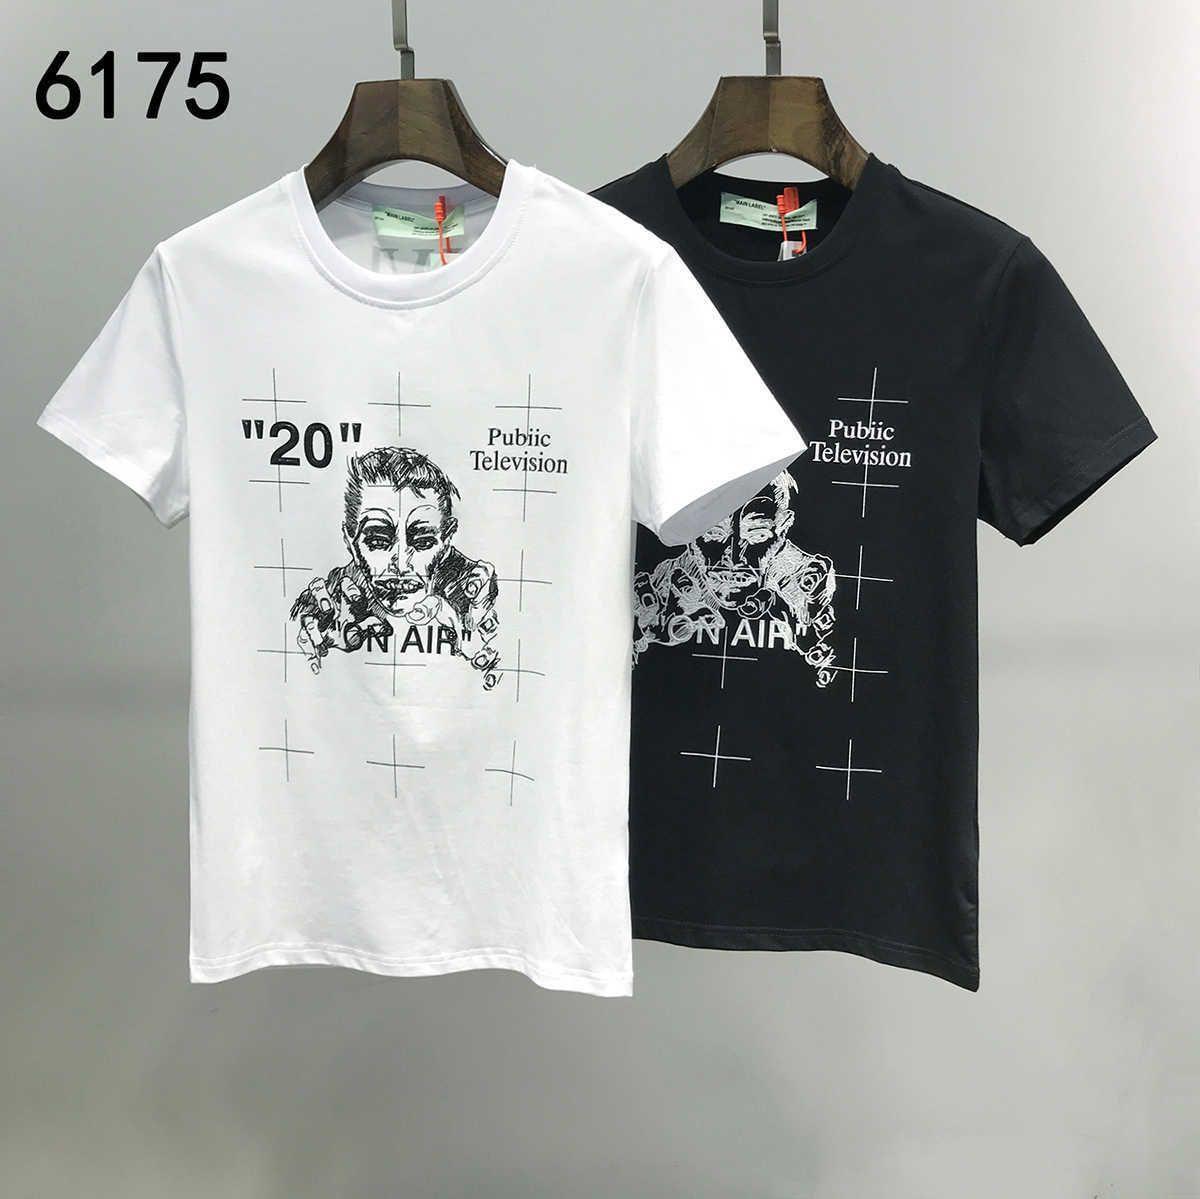 En Yeni Moda Tasarımı Erkekler Ve Kadınlar Tişörtlü Saf Pamuk Ve Kısa Kollu T Shirt Size M-3XL 20ss Pop